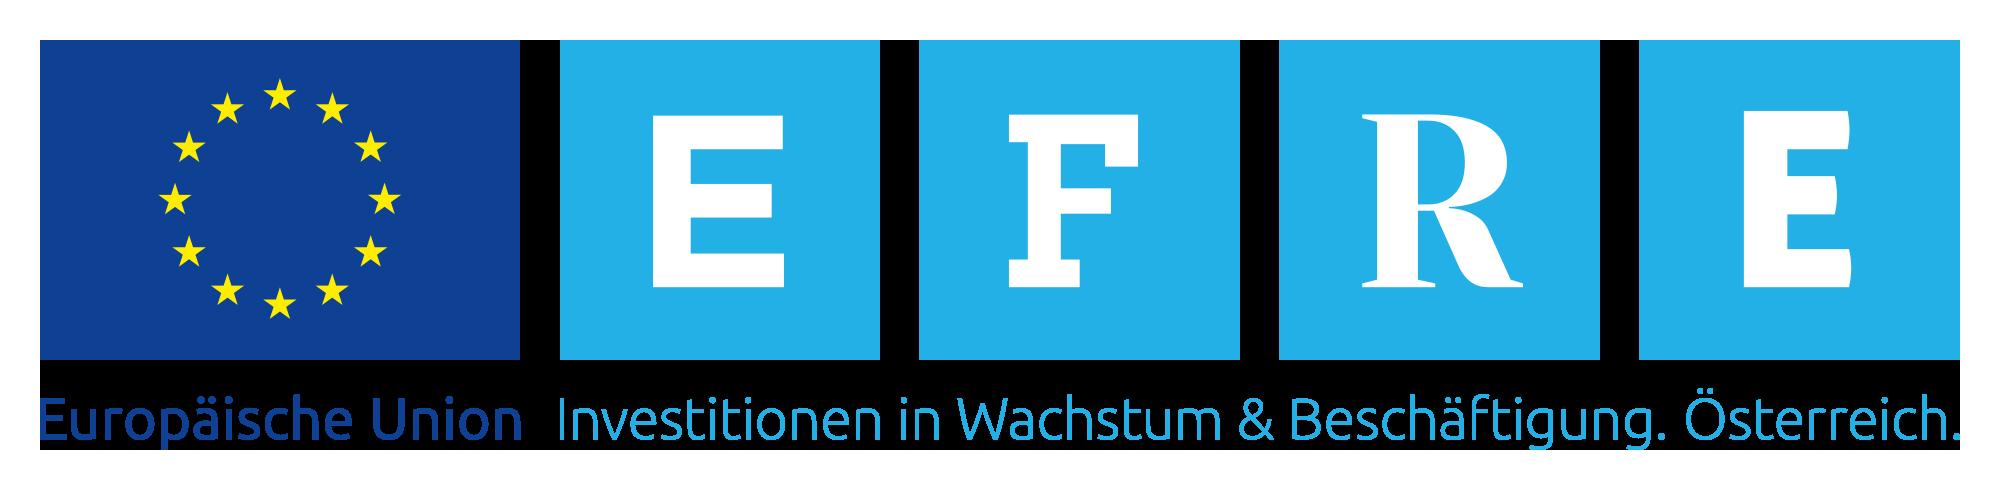 IWB/EFRE Programmlogo